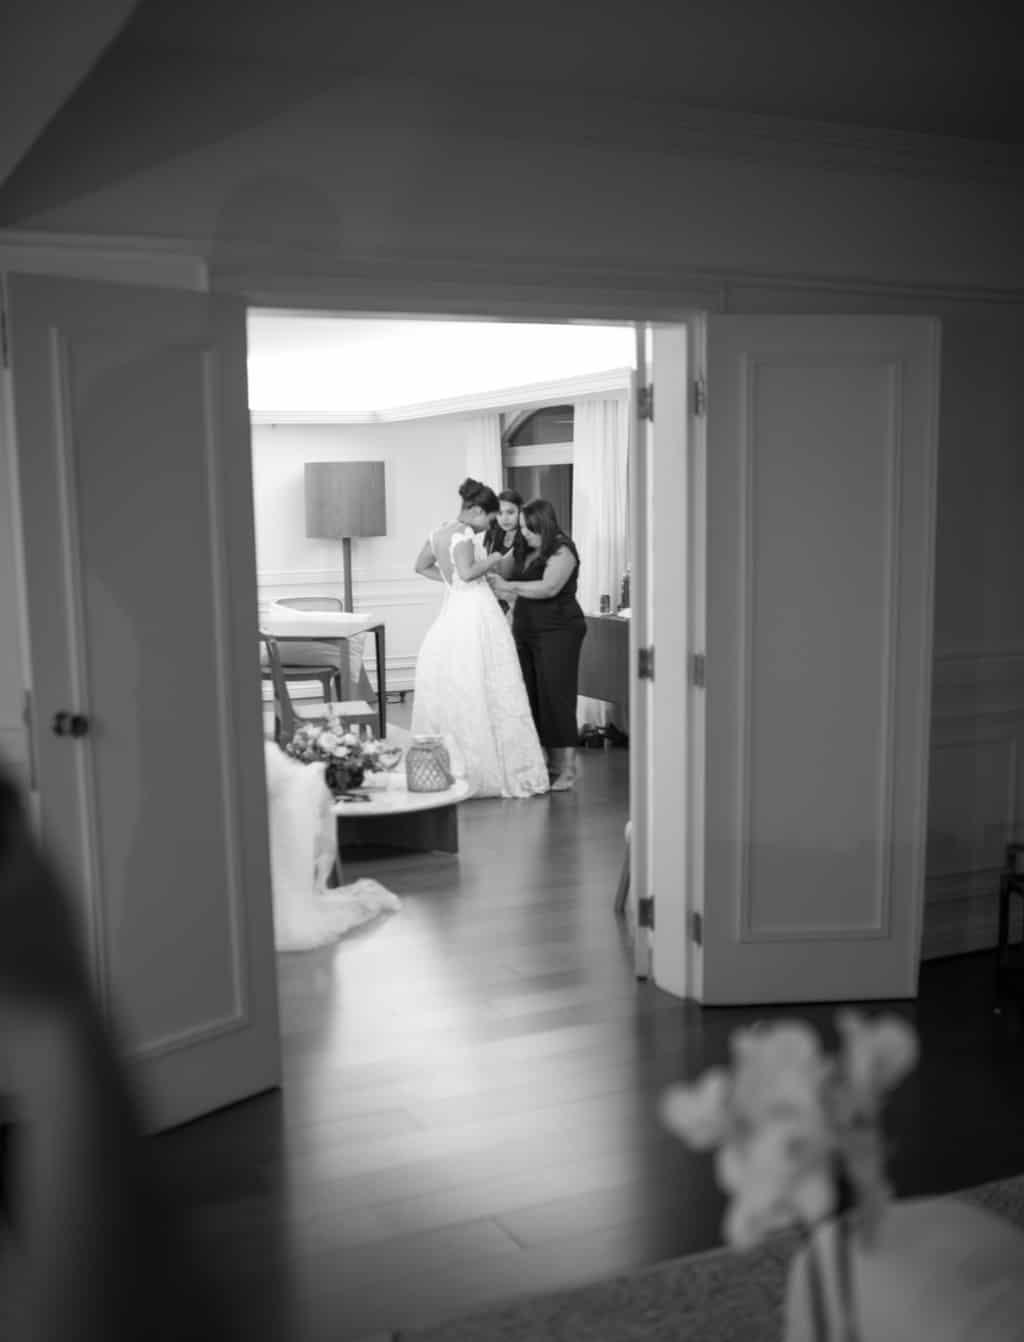 casamenot-Carolina-e-Thiago-casamento-clássico-Rio-de-Janeiro-Fotografia-Marina-Fava39